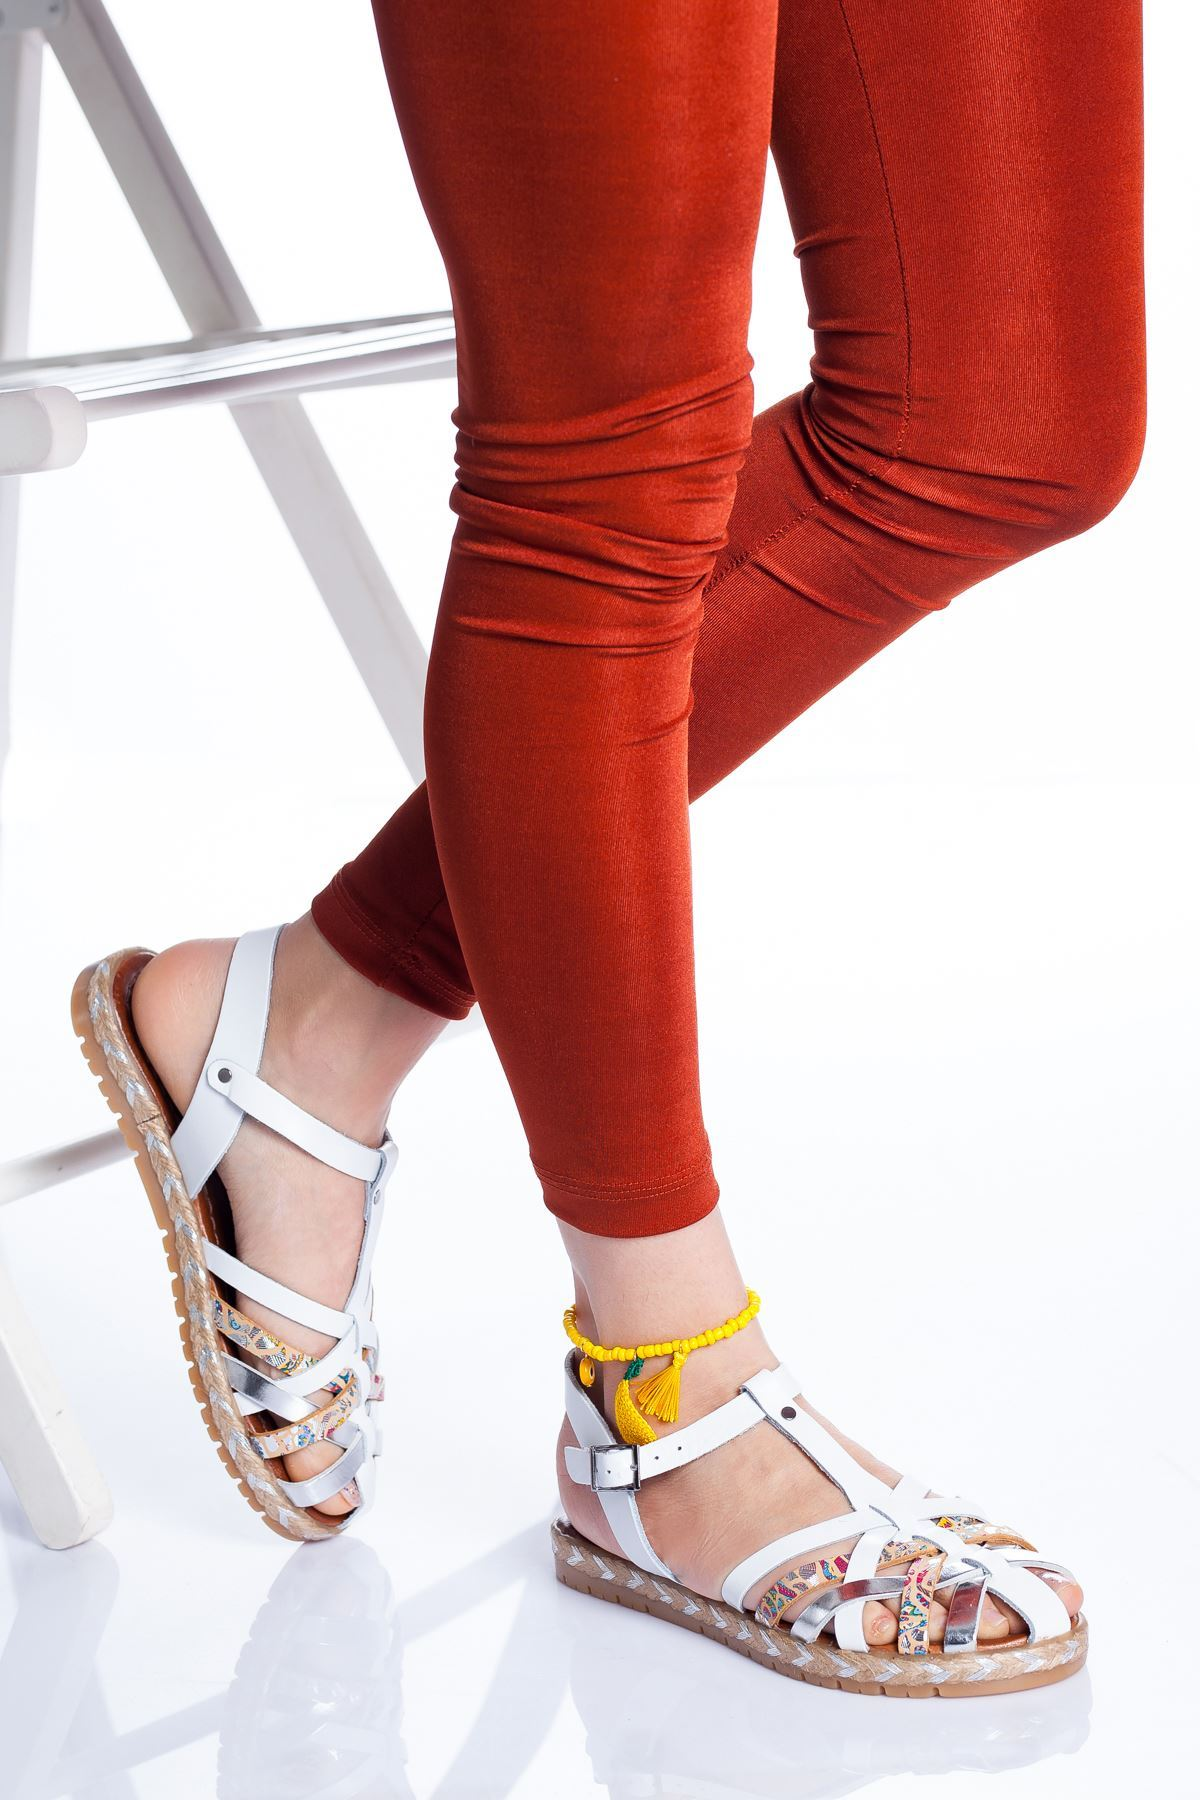 Holle Deri Sandalet MIX3